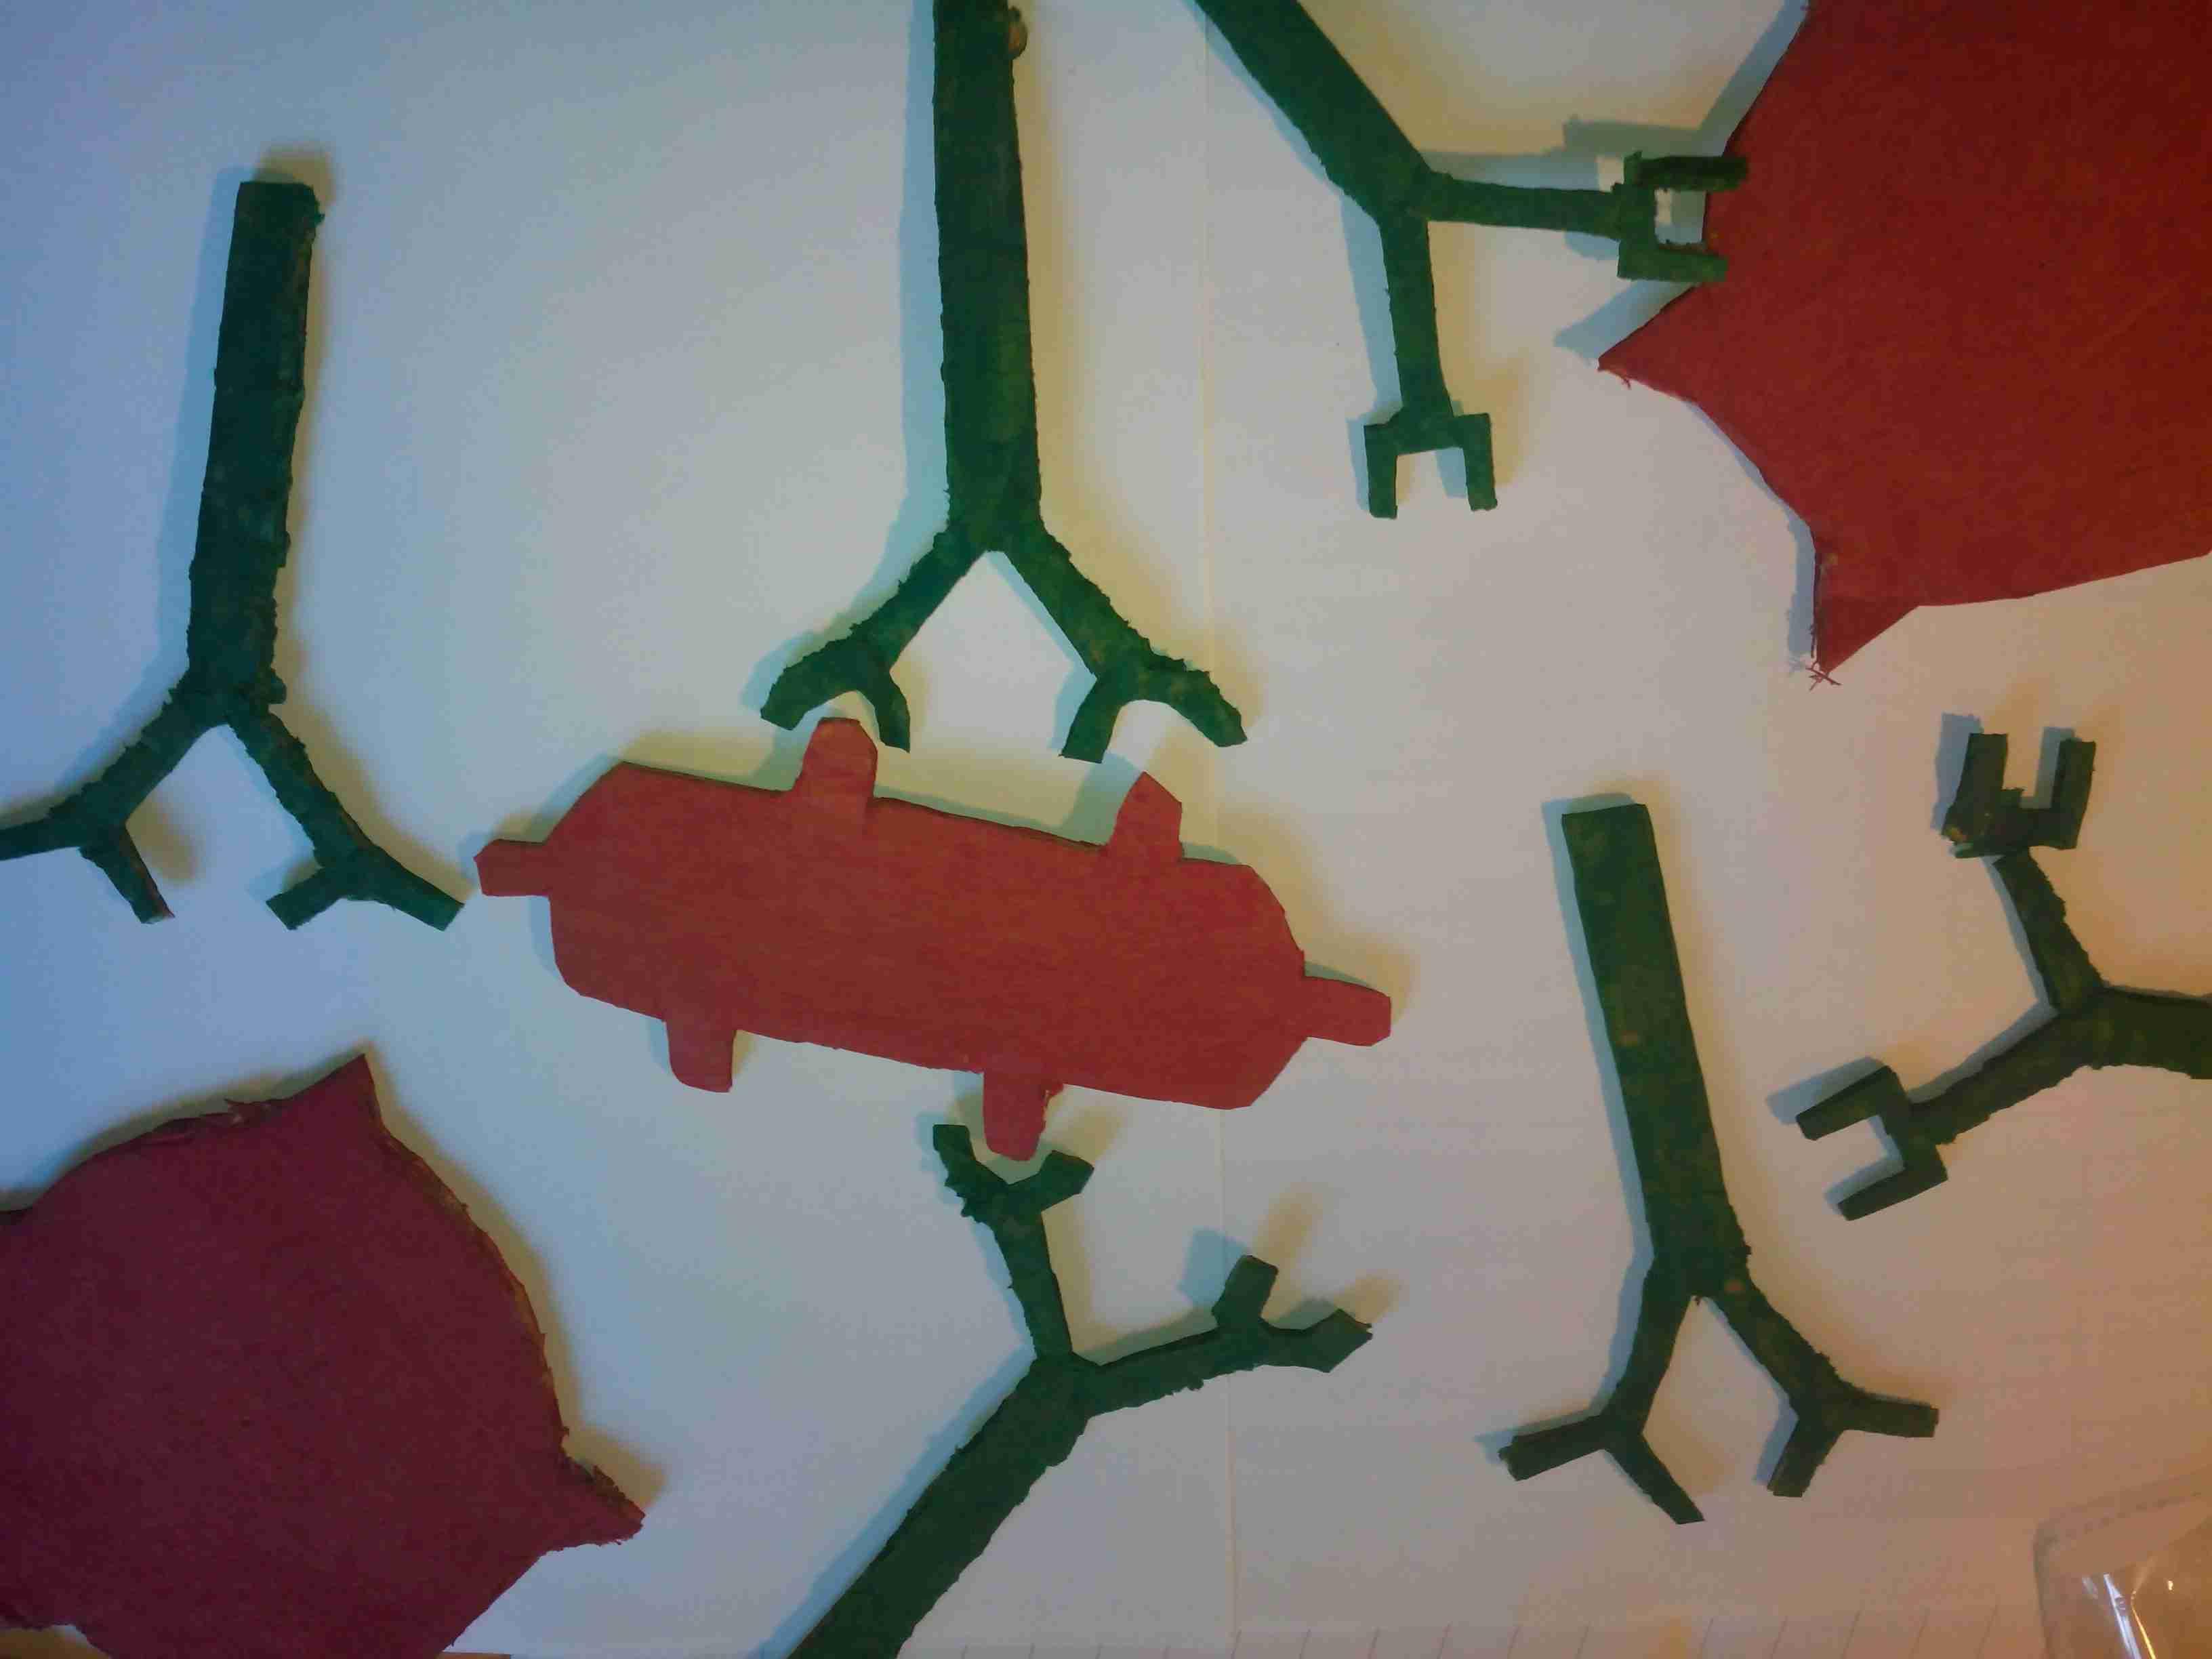 Maquettes D Anticorps Et D Antig 232 Nes En 3 232 Me Vive Les Svt